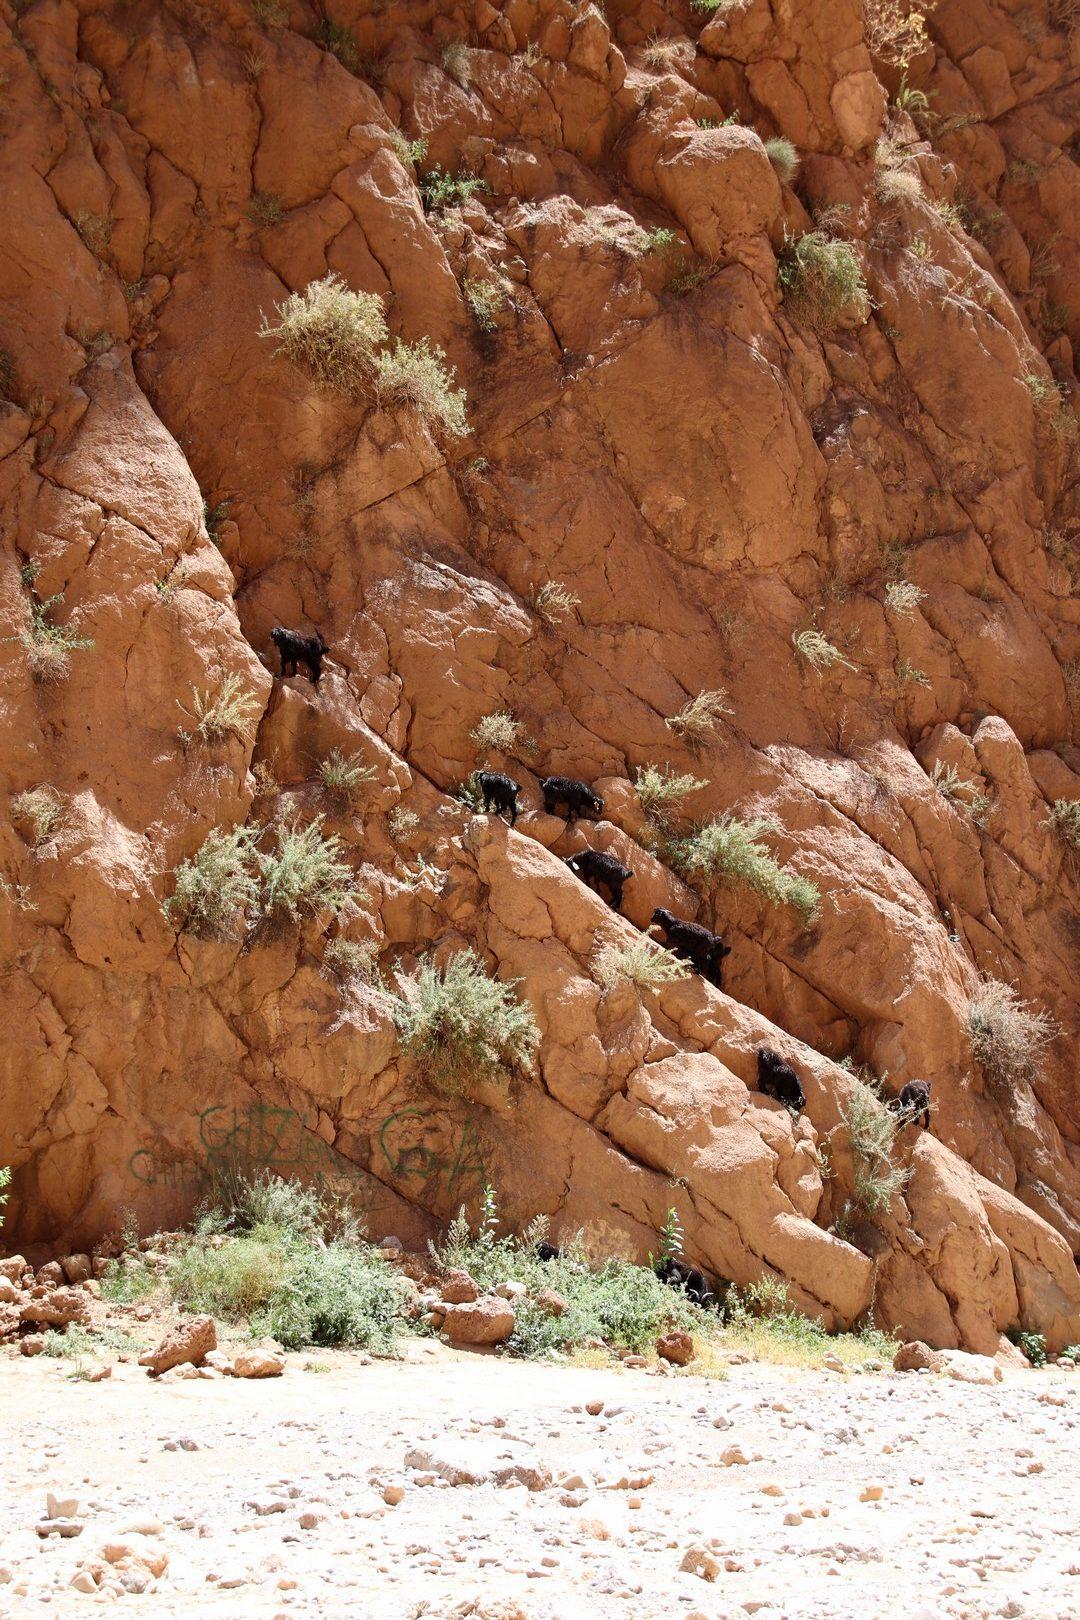 Maroc - Chèvres qui escaladent les falaises dans les gorges du Todra